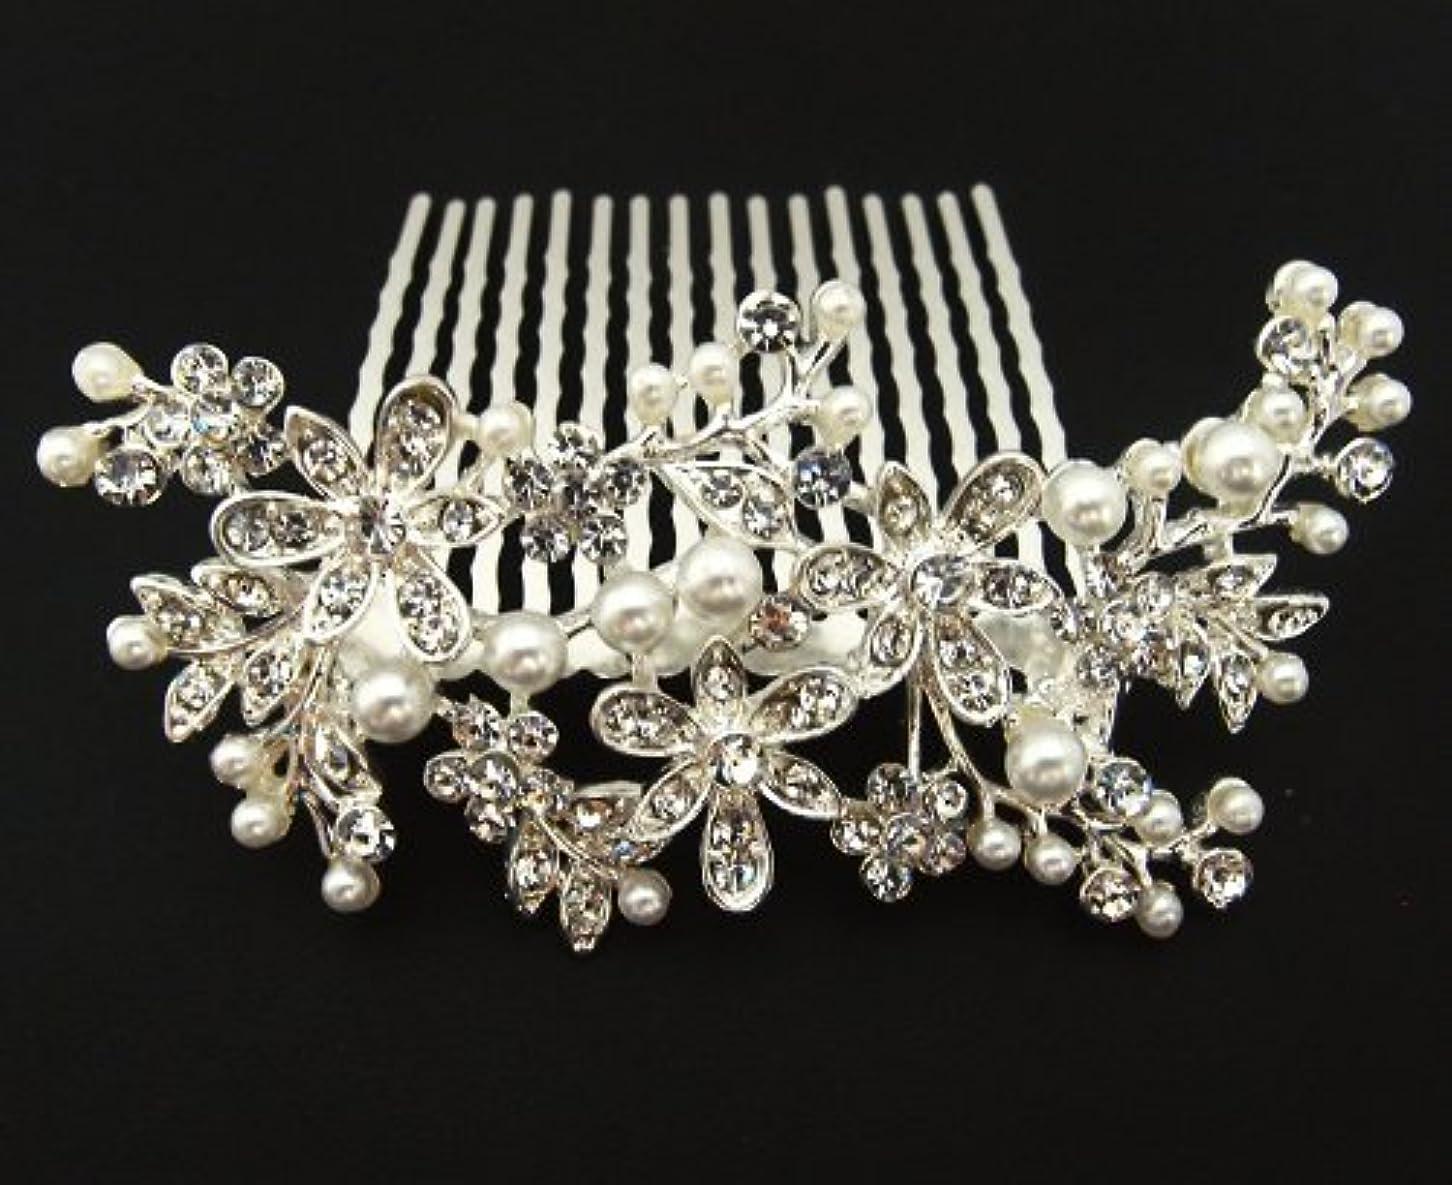 マーガレットミッチェル移民学士beautiful white Silver Color bridal wedding hair comb pearl and crystal #5 [並行輸入品]